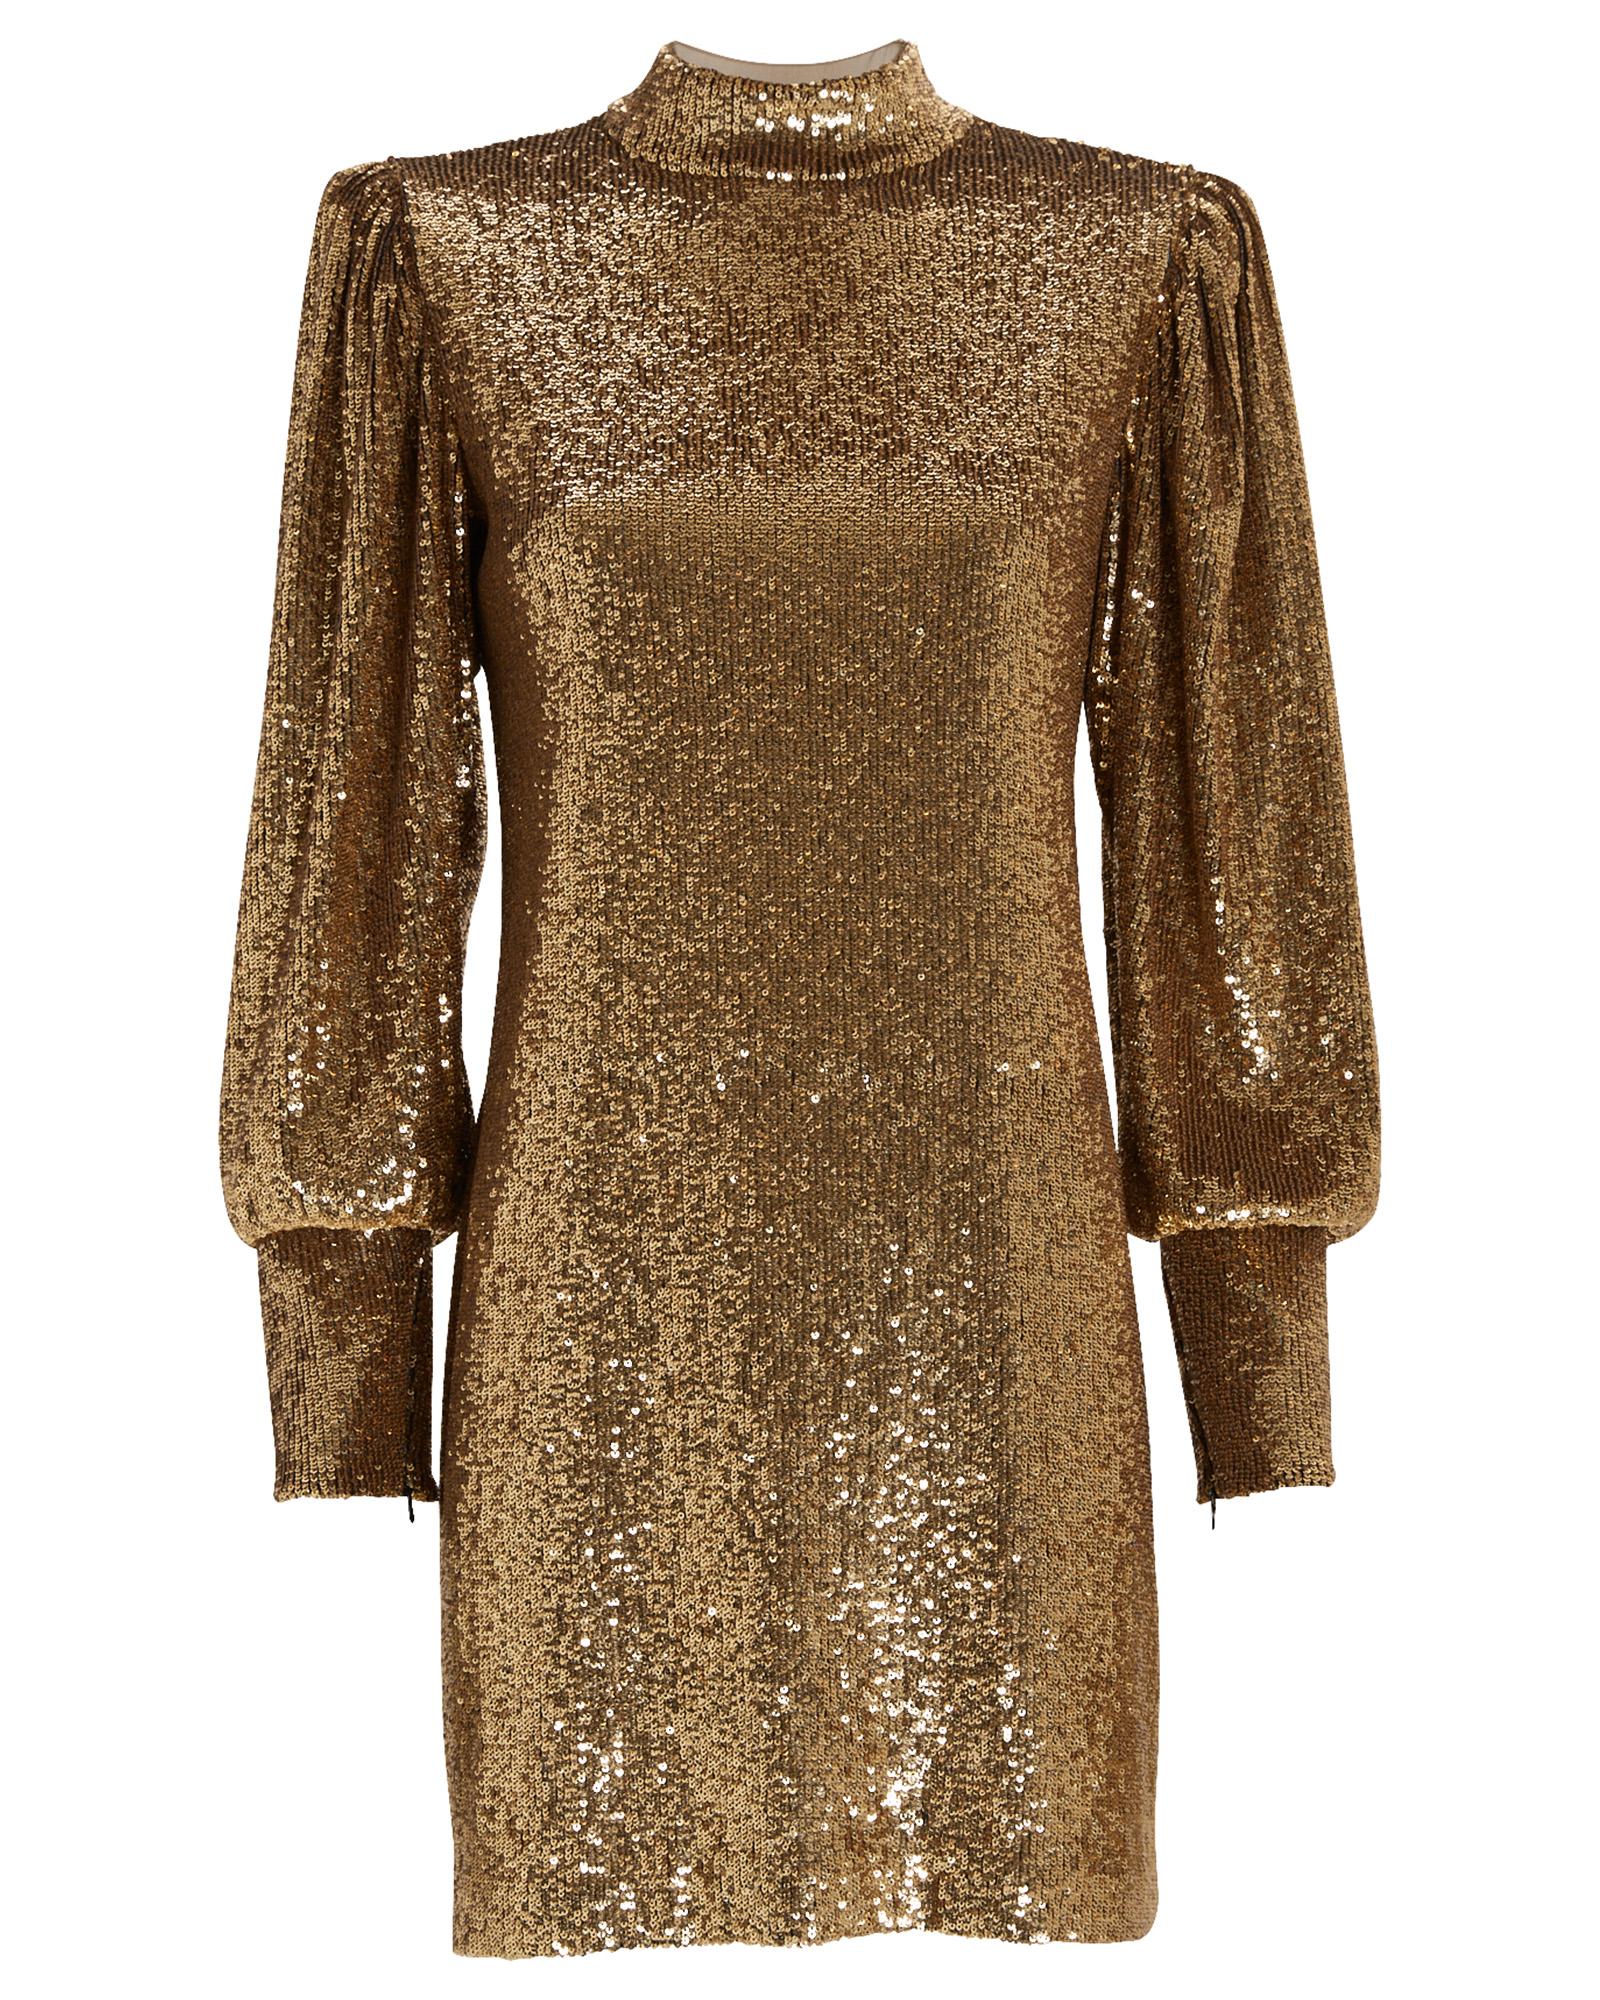 A.l.c Dresses A.L.C. CHRISTY SEQUIN-EMBELLISHED SHIFT DRESS